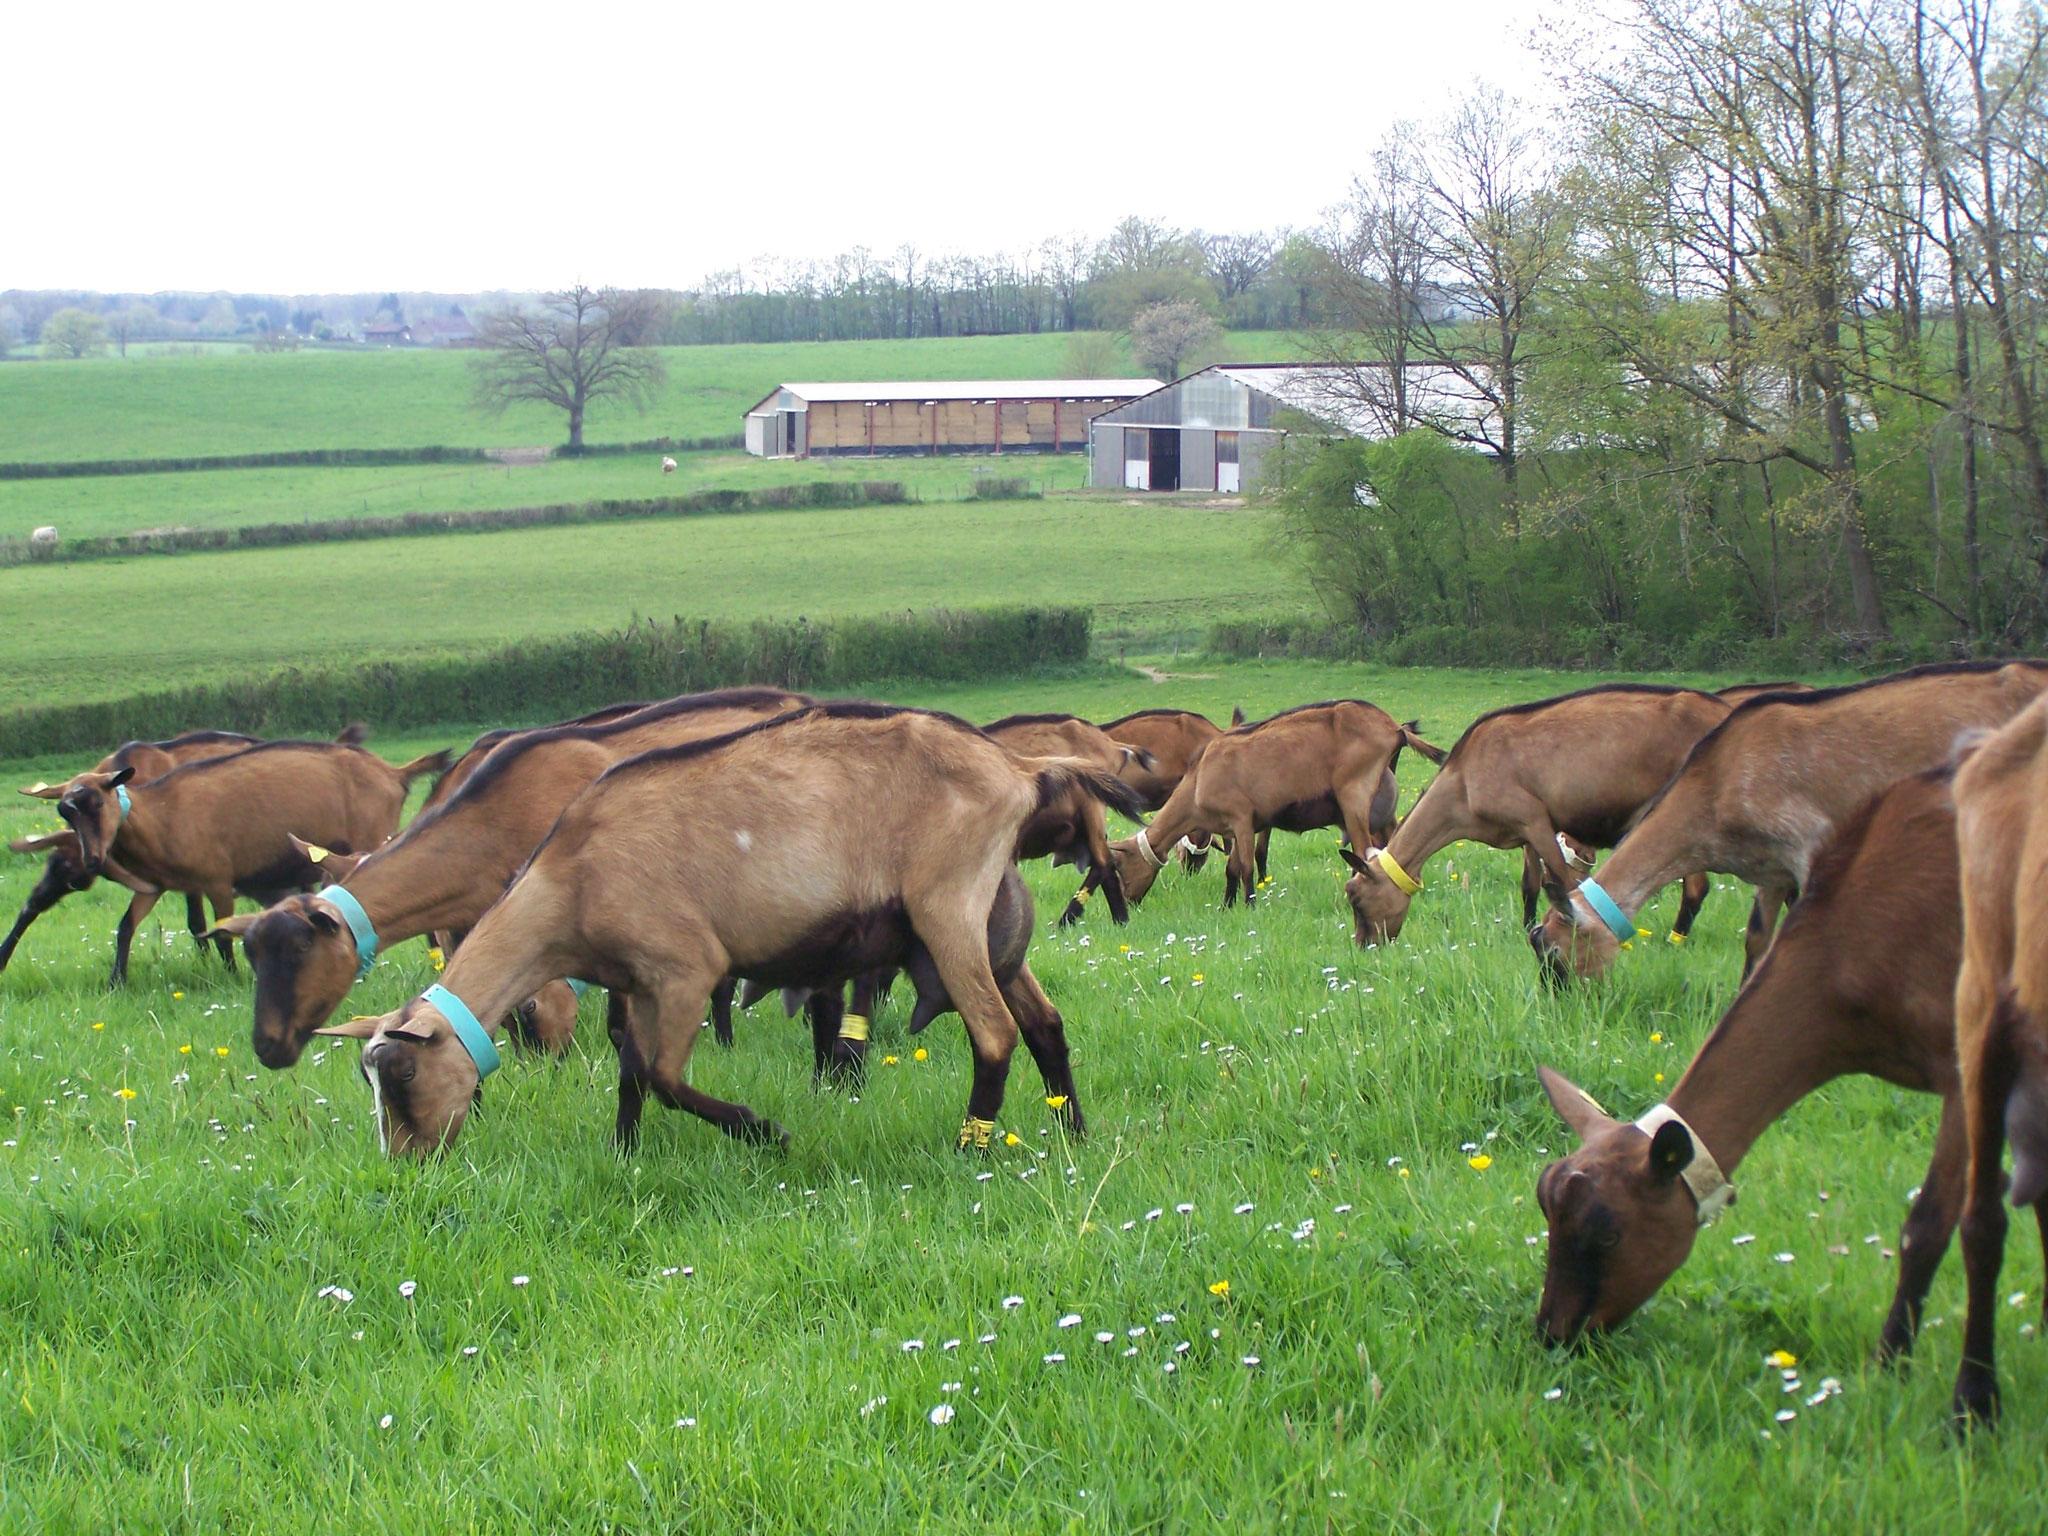 Avoir un troupeau bien élevé au pâturage pour avoir un fromage de qualité